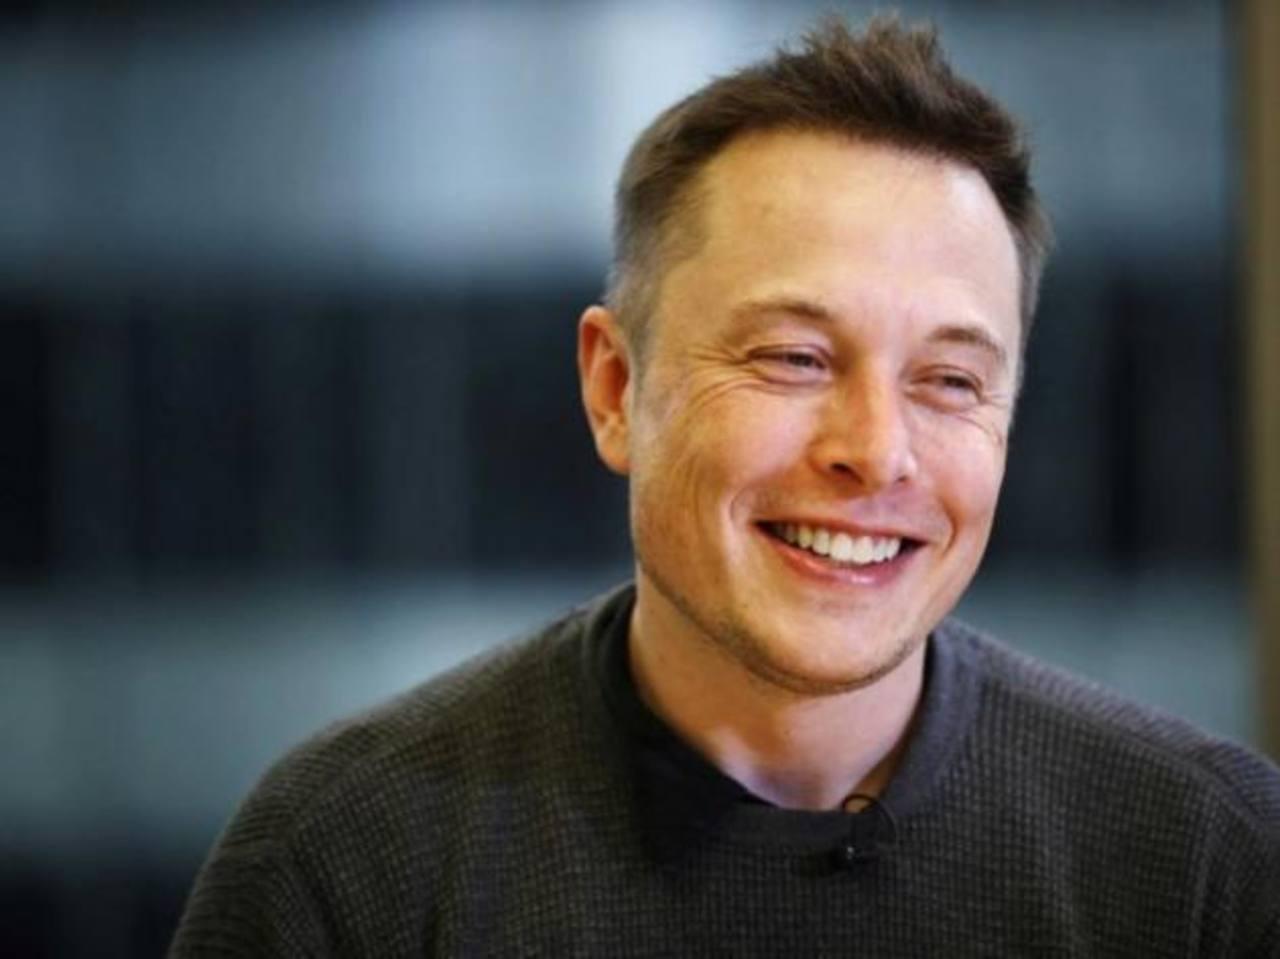 Elon Musk es uno de los emprendedores más influyentes de Silicon Valley. Muchos se preguntan si será el nuevo Steve Jobs.